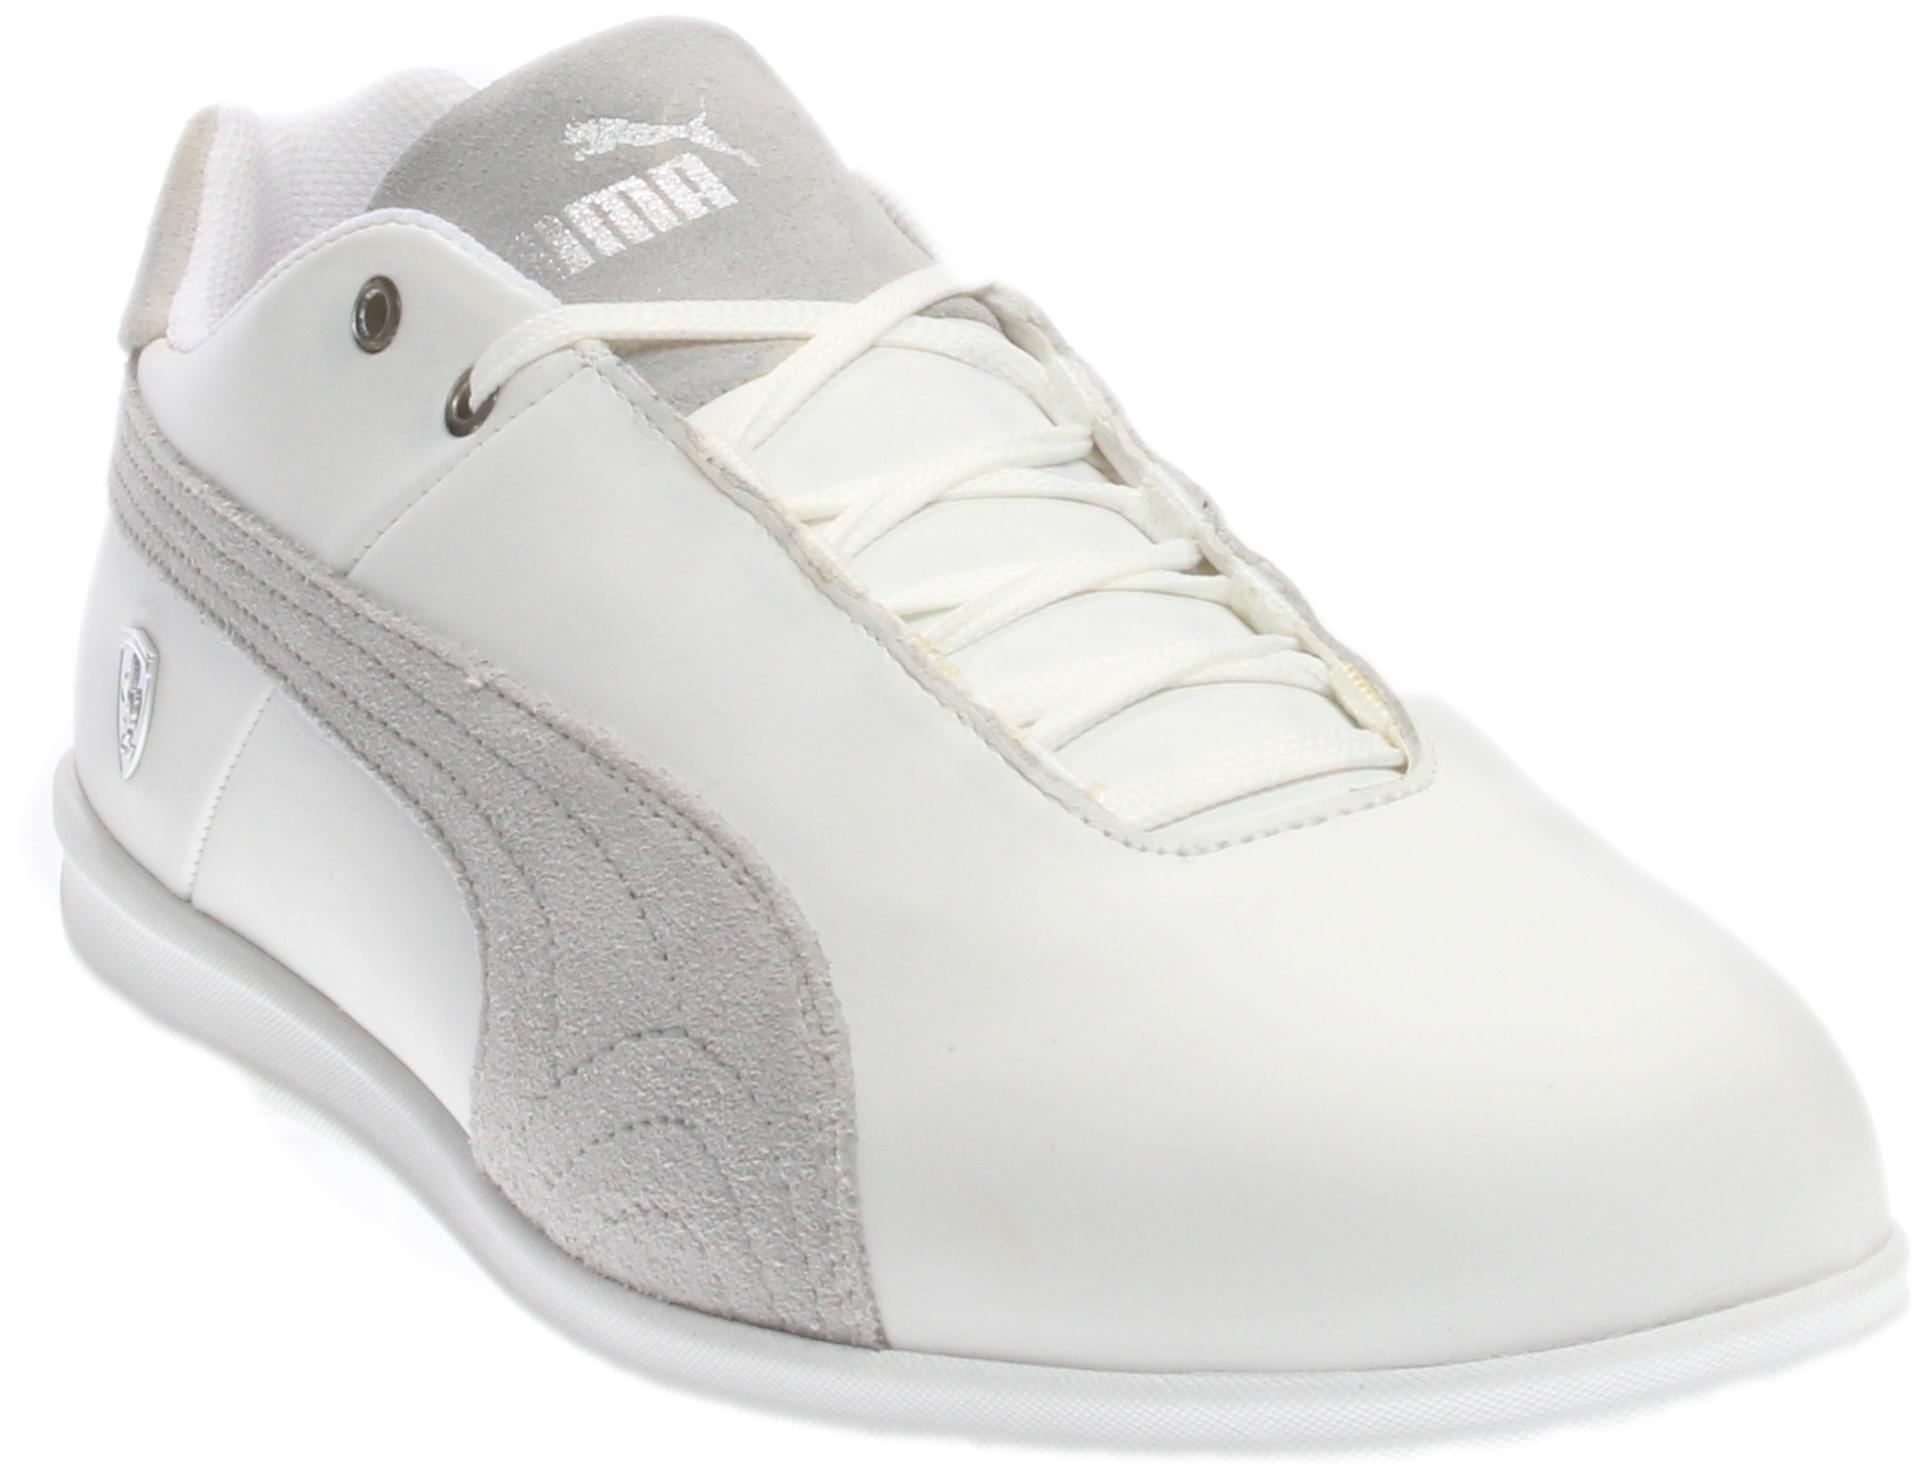 cd7aed1f403c0c Lyst - PUMA Ferrari Future Cat in White for Men - Save 72%